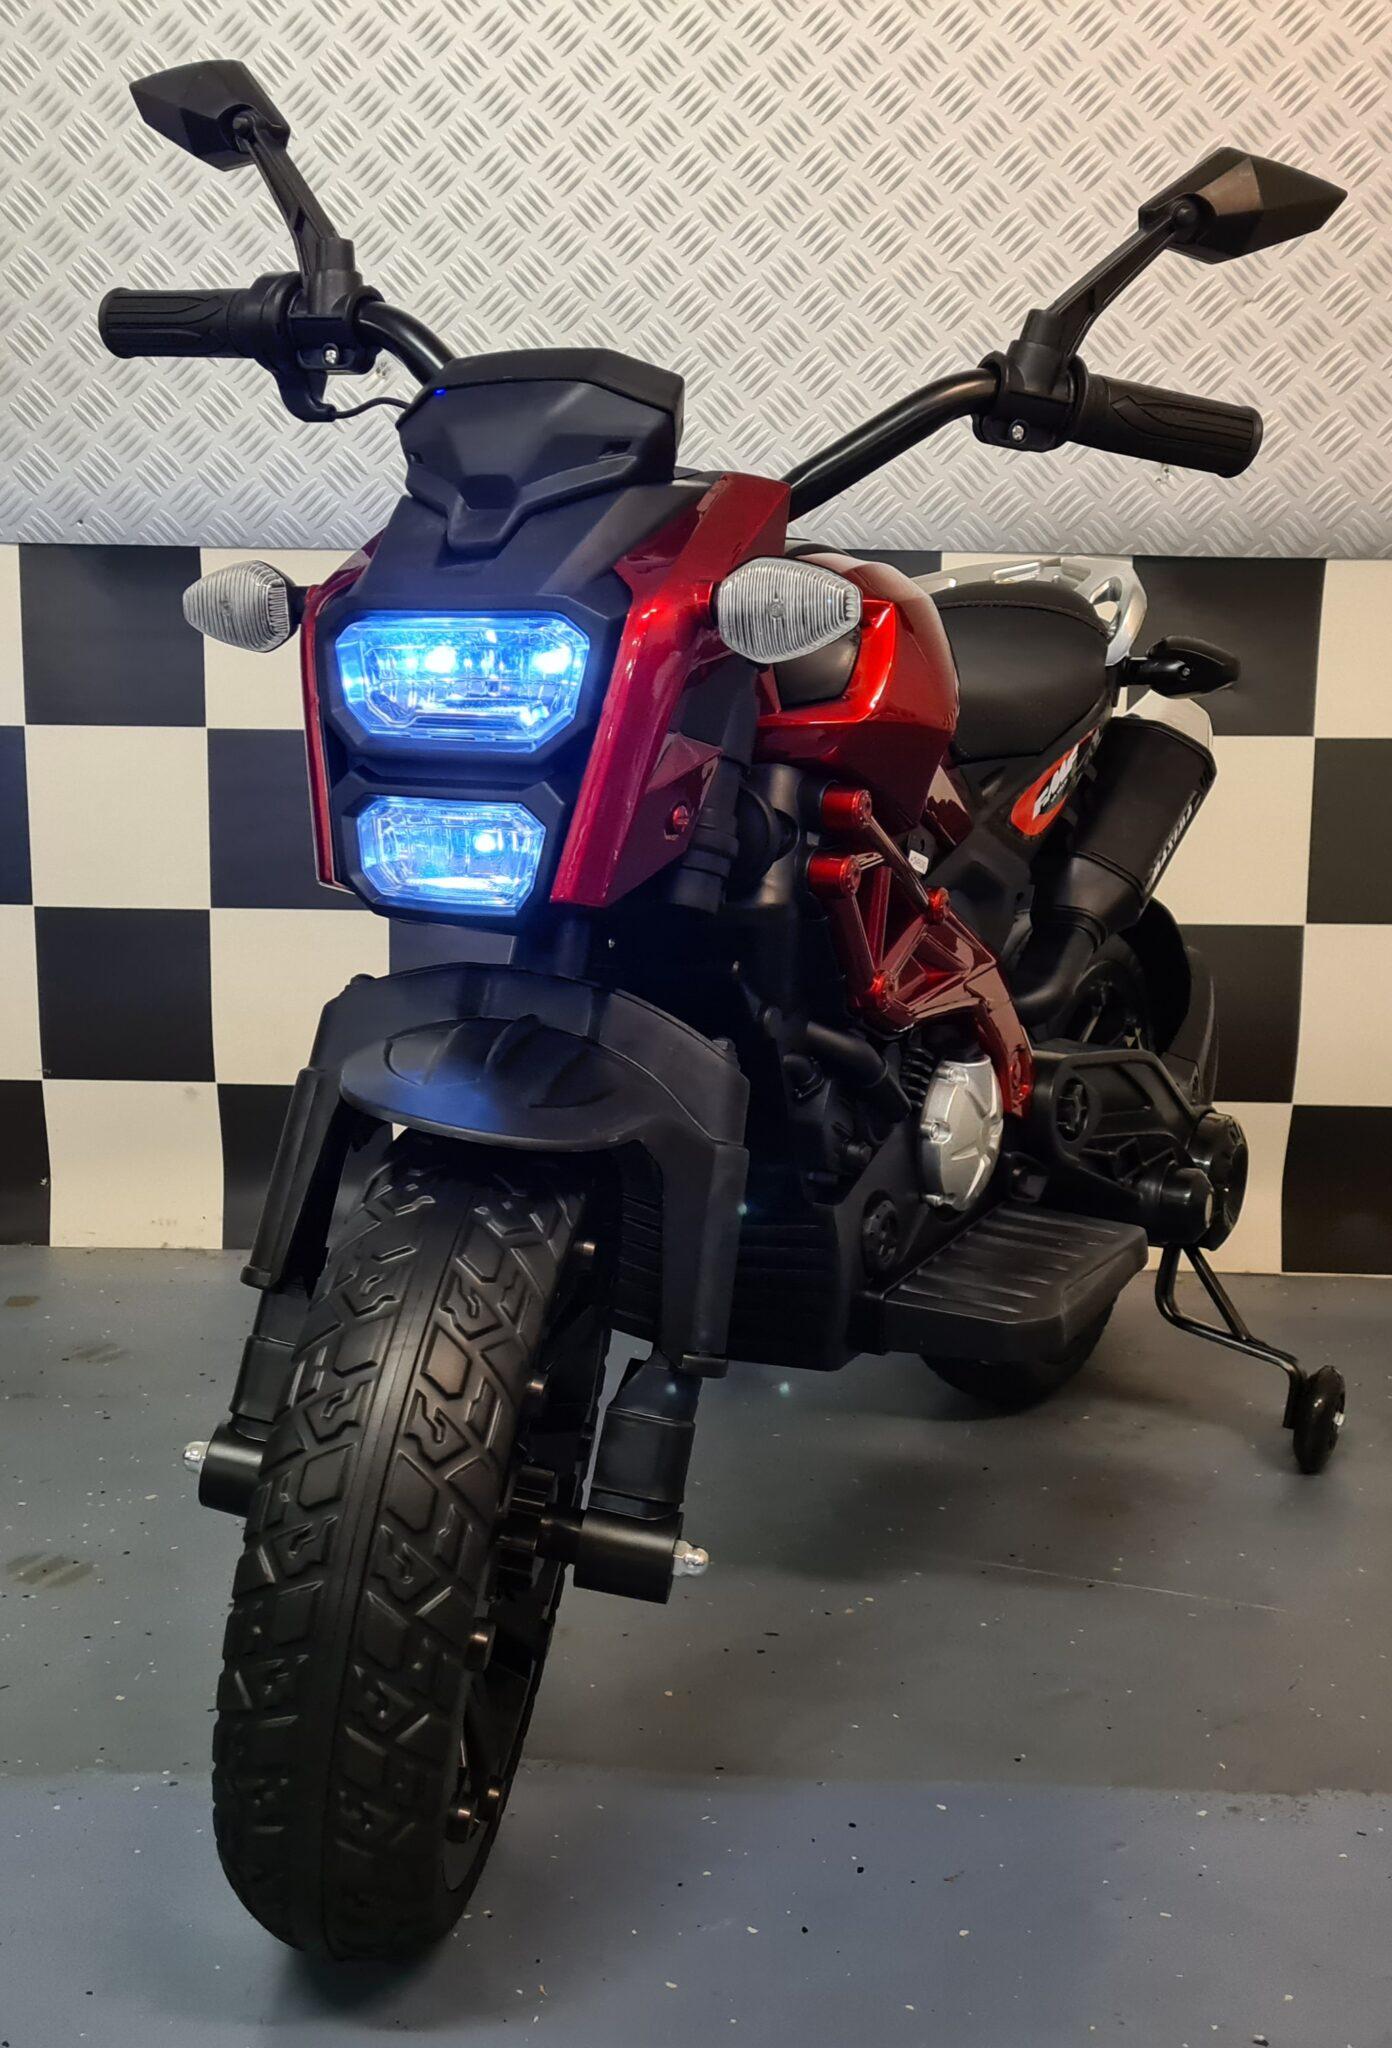 Accu kindermotor Grom Superbike 12 volt metallic rood